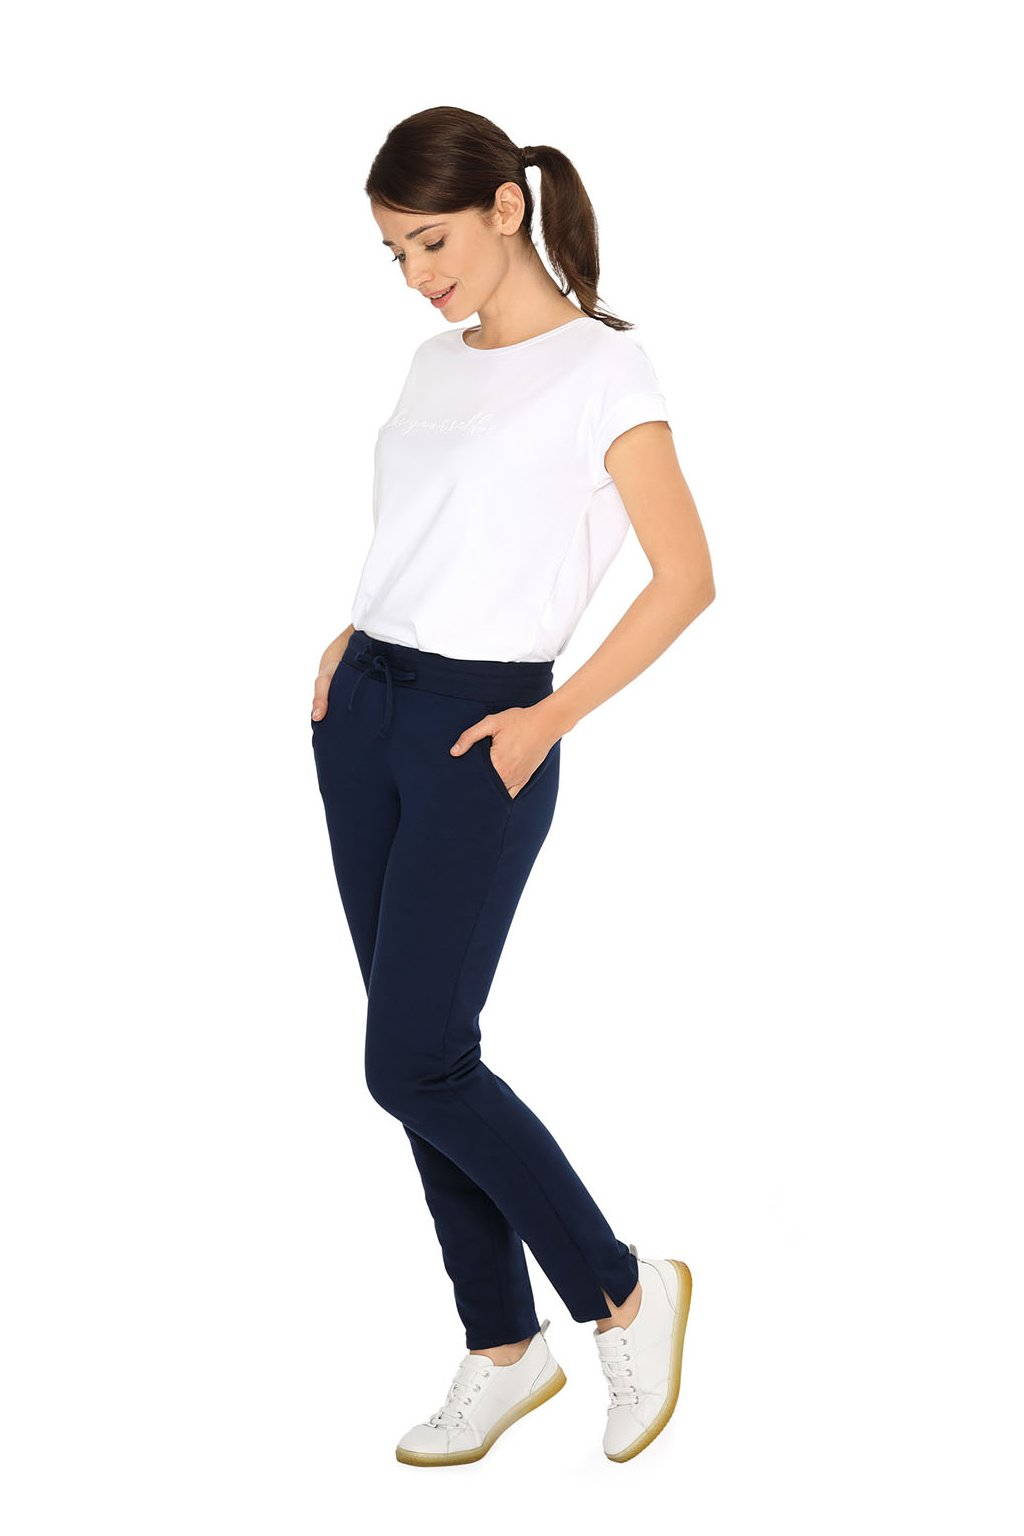 Dámské kalhoty, 10131 28, modrá